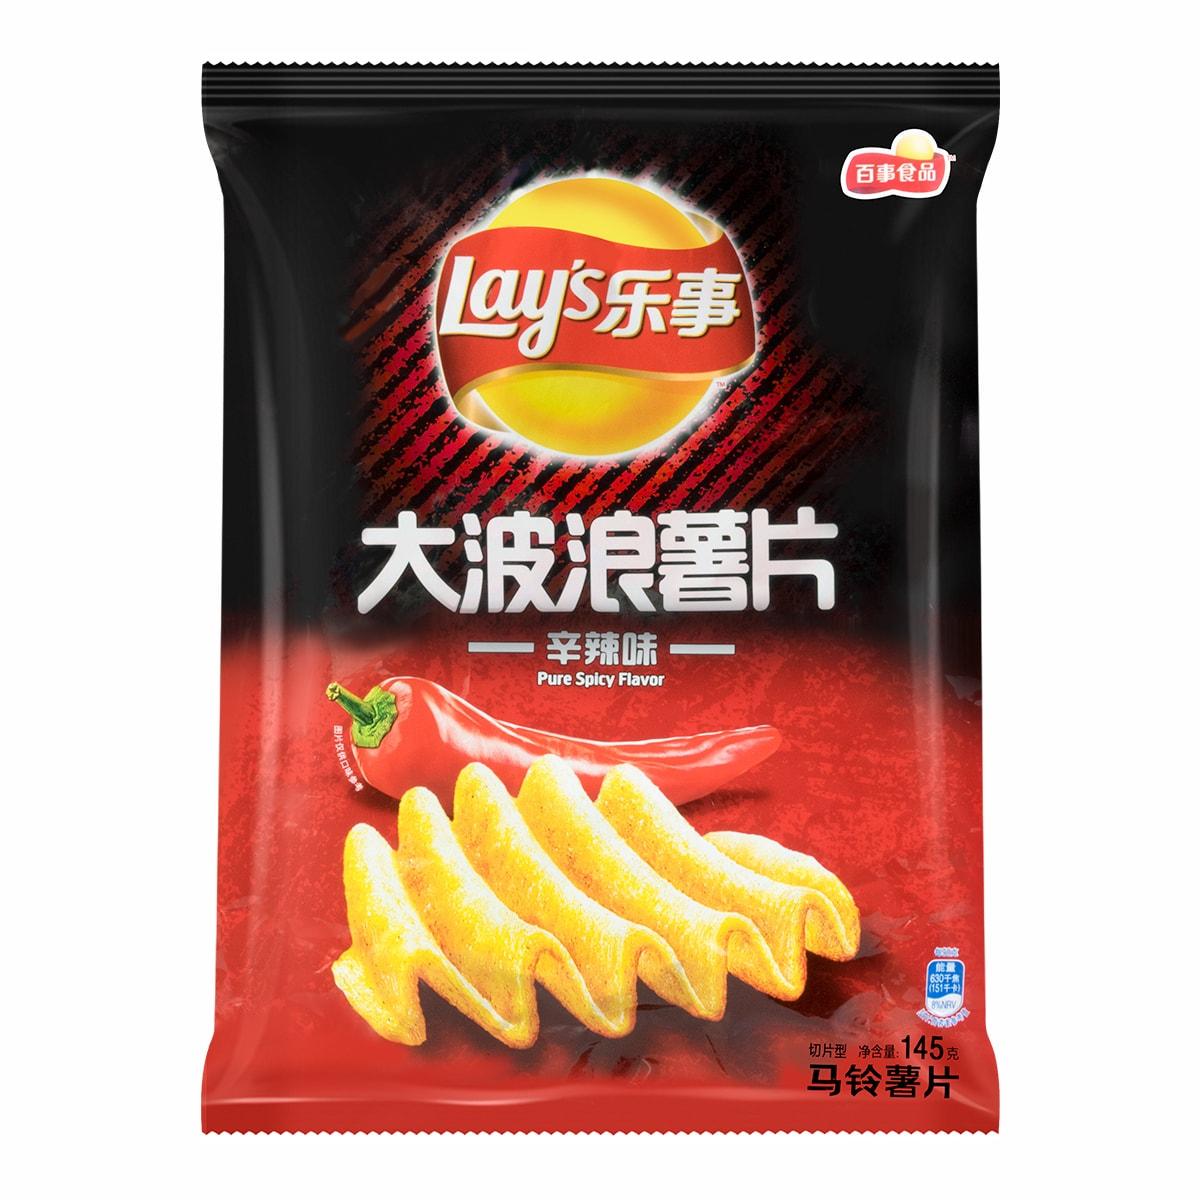 百事LAY'S乐事 大波浪薯片 辛辣味 145g+20g